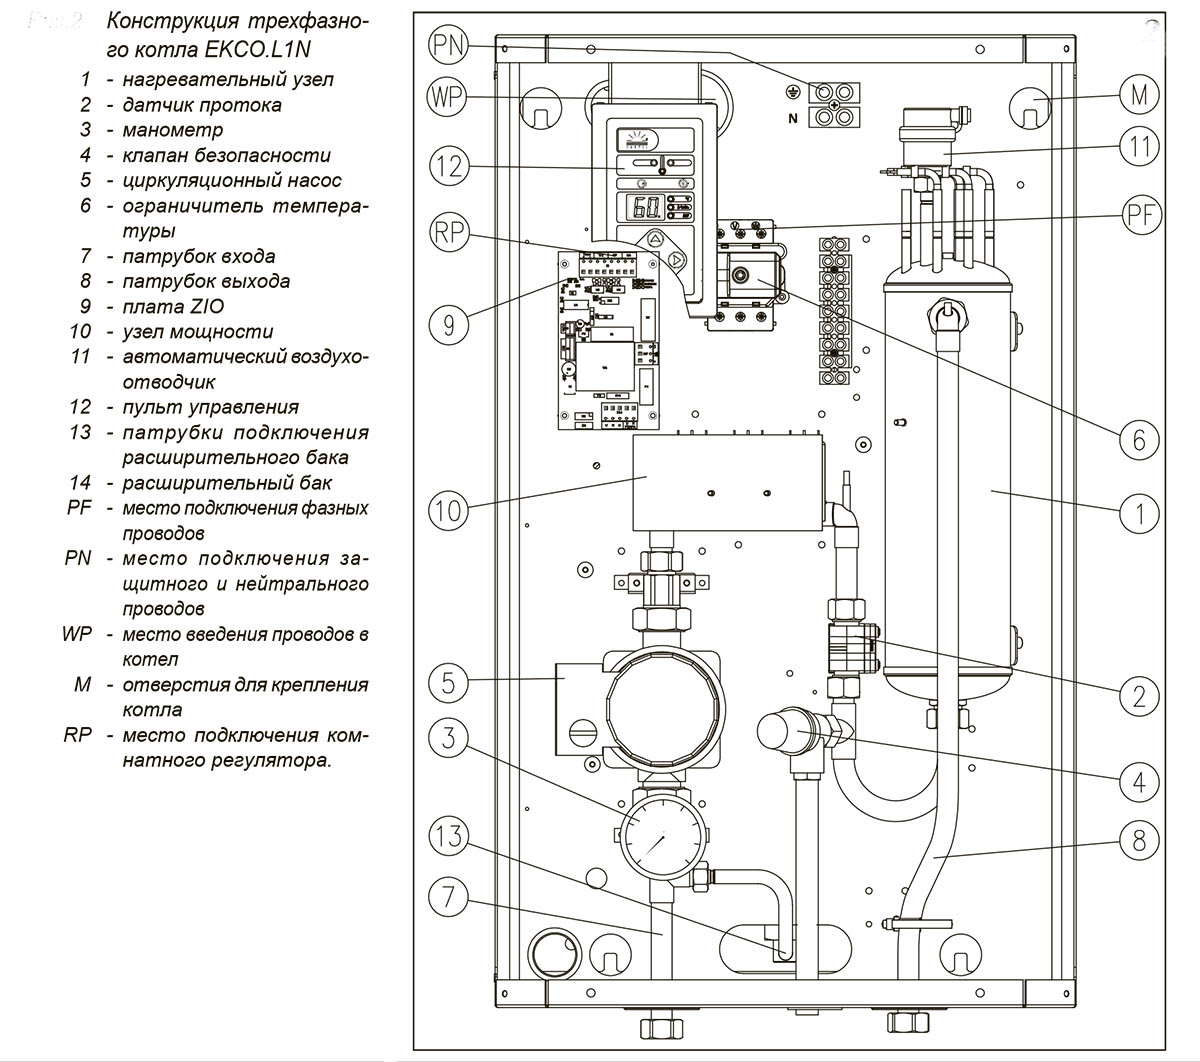 Котел электрический отопительный kospel ekco.l2m 21z (мощность 21 квт)